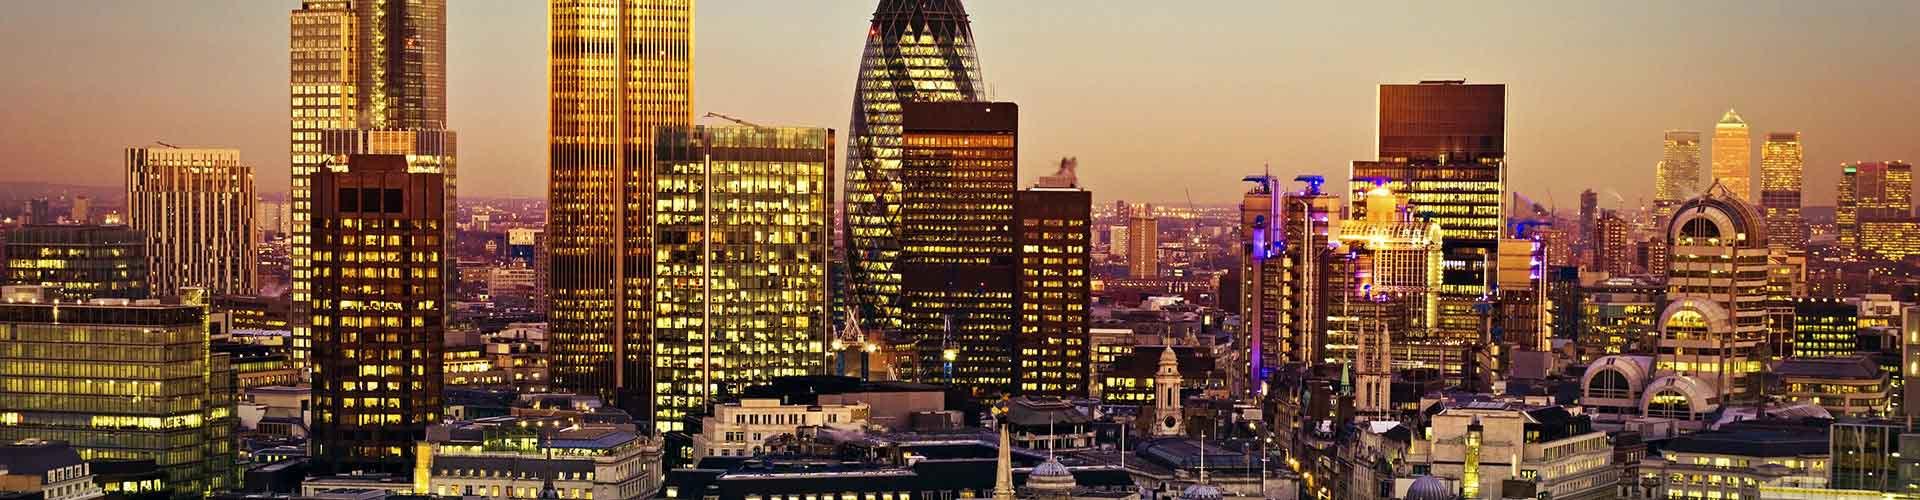 Lontoo – Hostellit lähellä Tower 42. Lontoo -karttoja, valokuvia ja arvosteluja kaikista Lontoo -hostelleista.